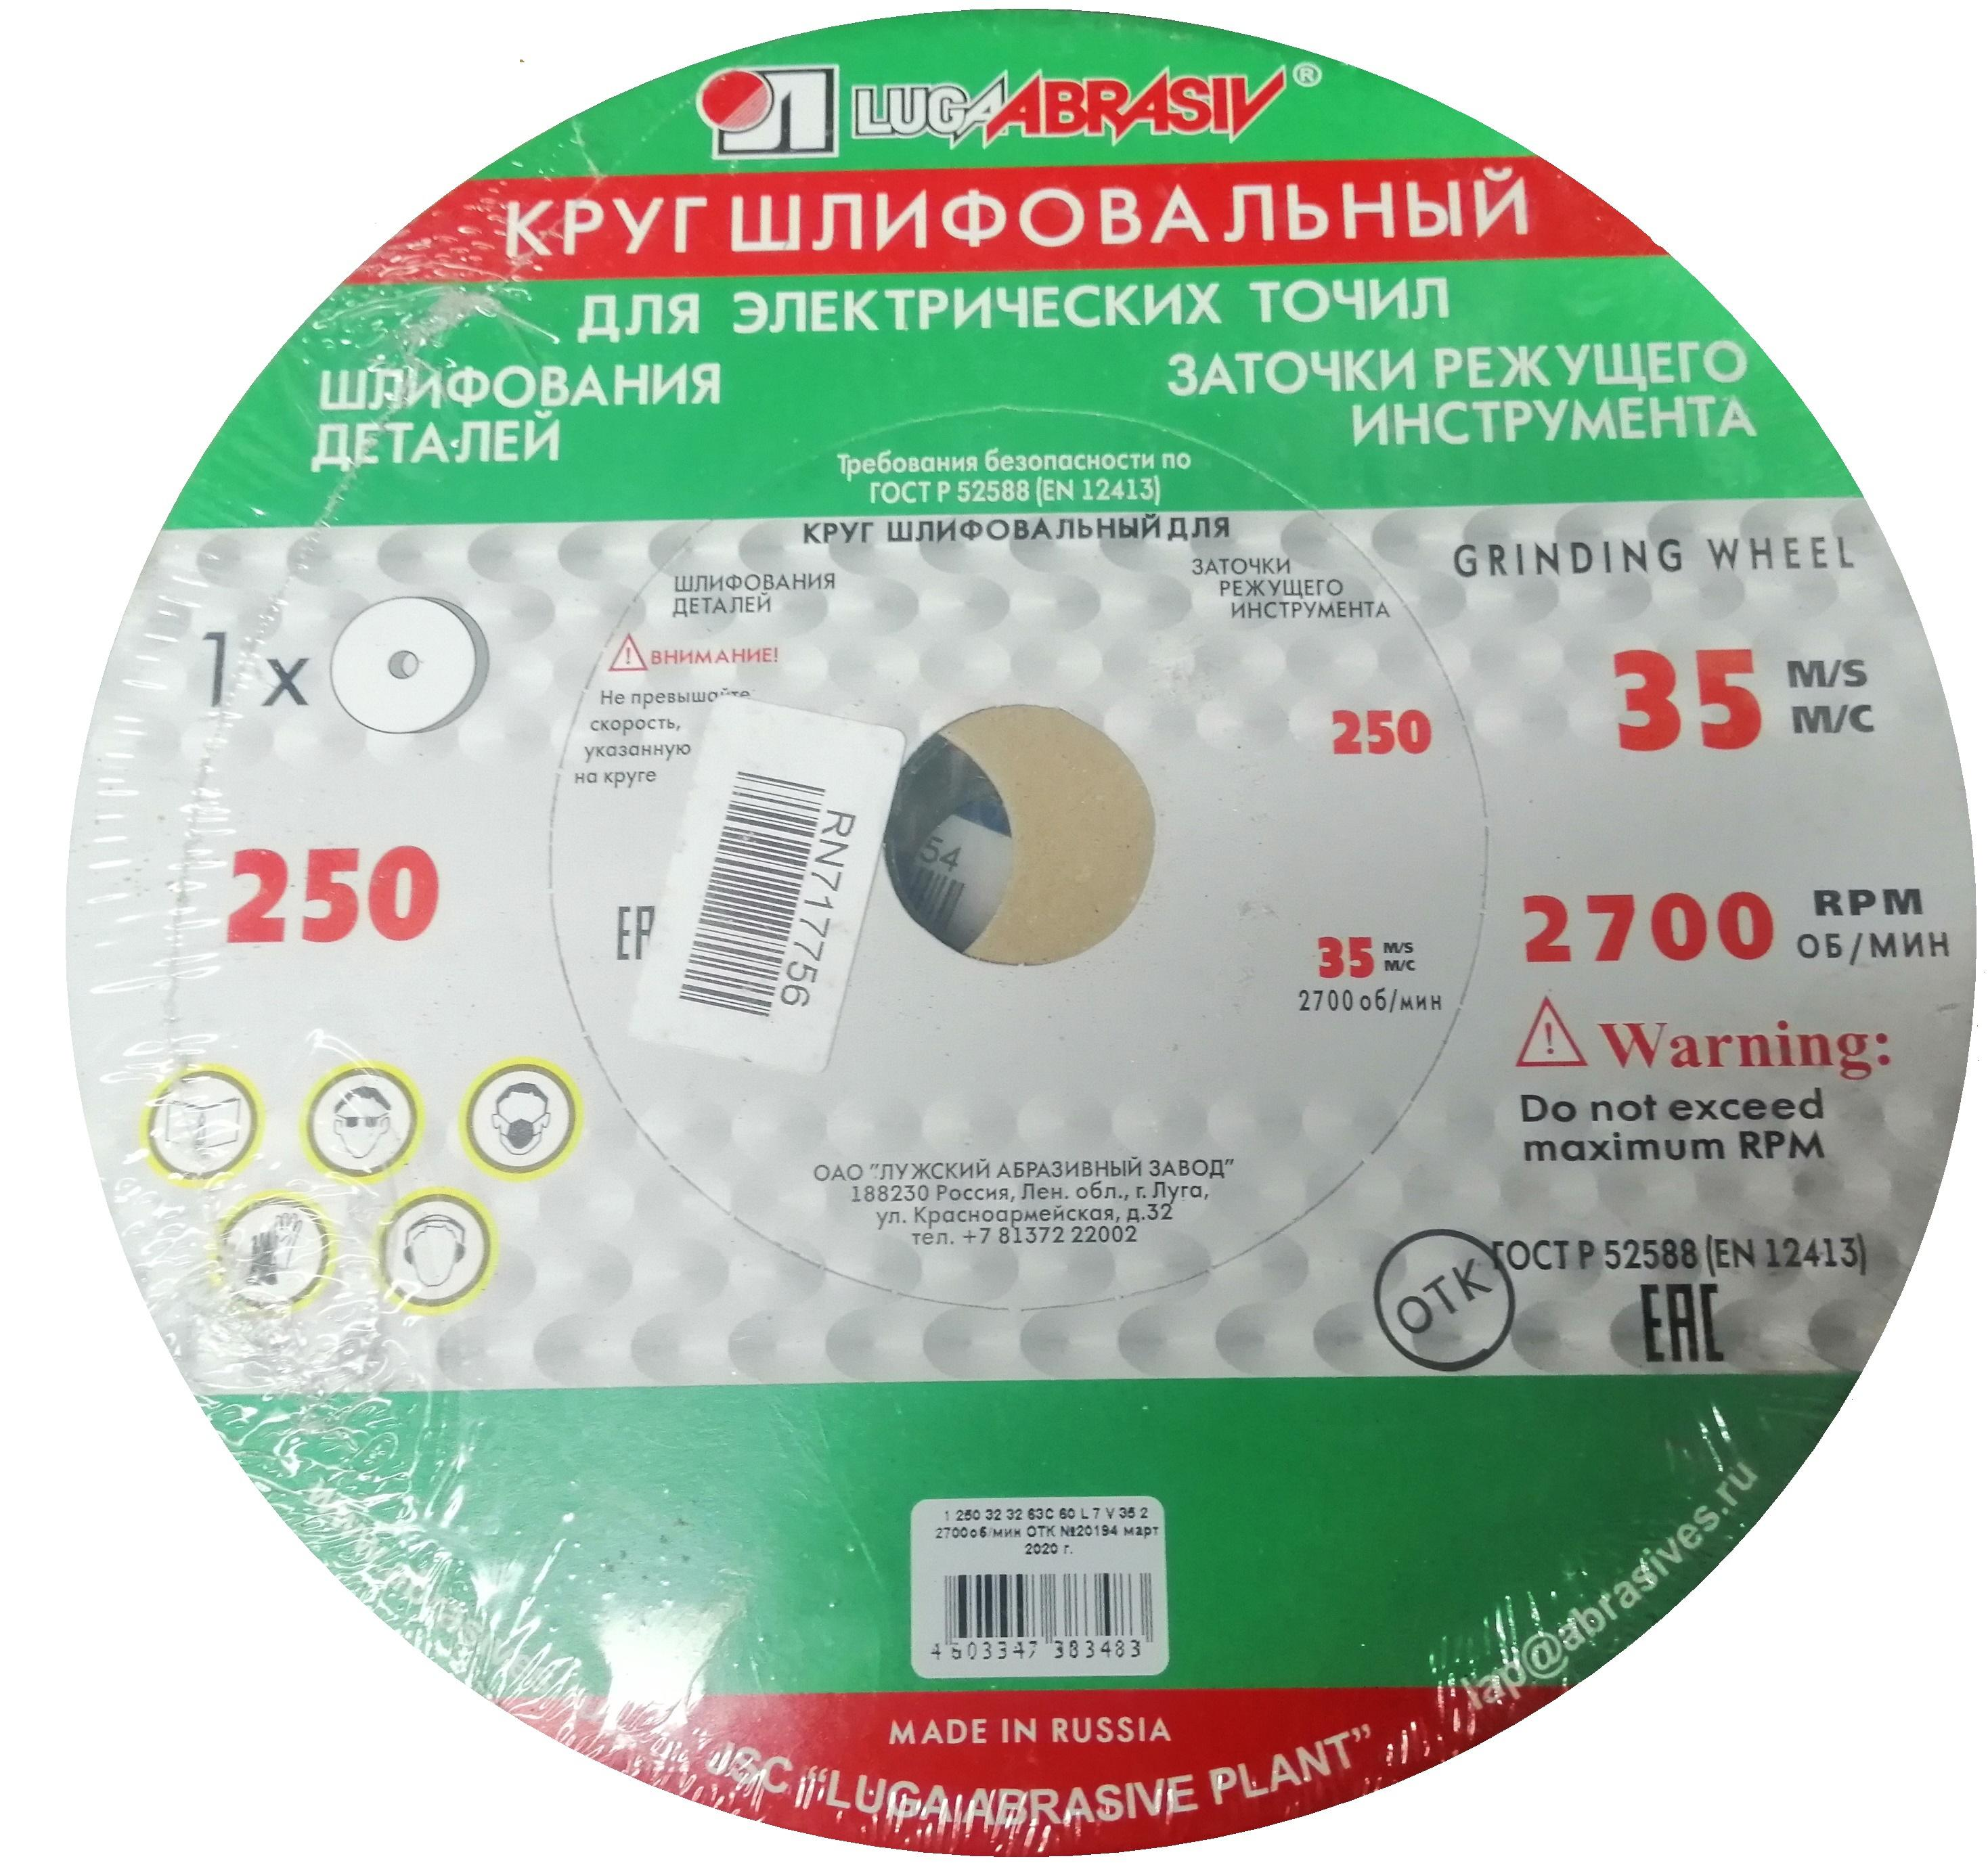 Круг шлифовальный ЛУГА-АБРАЗИВ 1 250 Х 32 Х 32 63С 60 k,l круг шлифовальный луга абразив 1 250 х 20 х 32 63с 60 k l